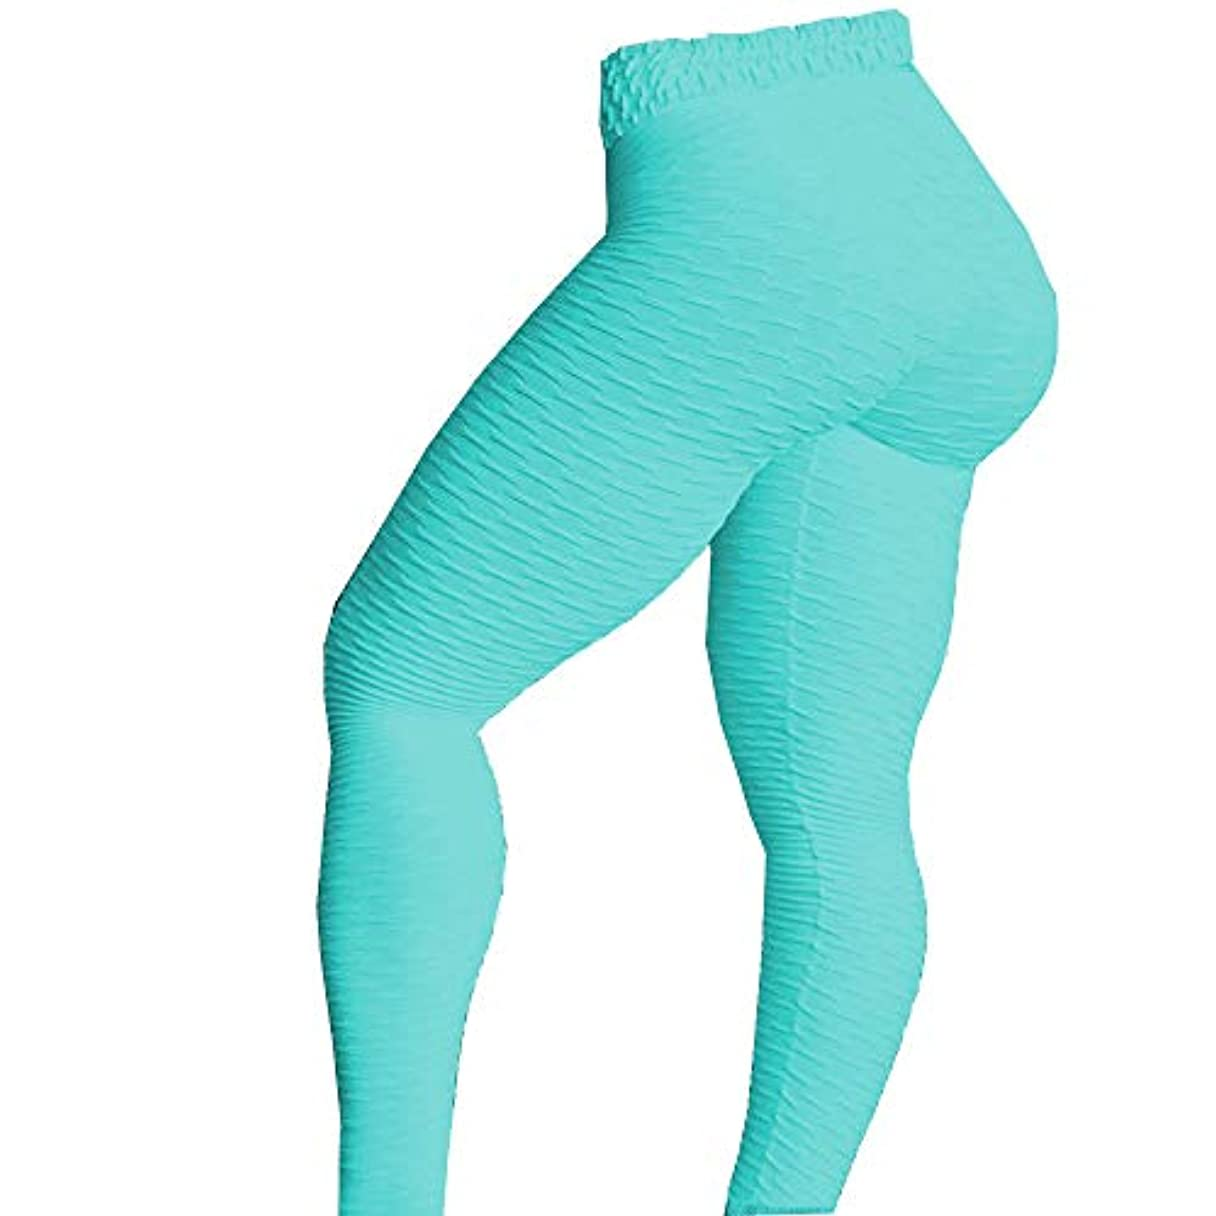 作り上げる傾向があります記述するMIFAN パンツ女性、ハイウエストパンツ、スキニーパンツ、ヨガレギンス、女性のズボン、ランニングパンツ、スポーツウェア